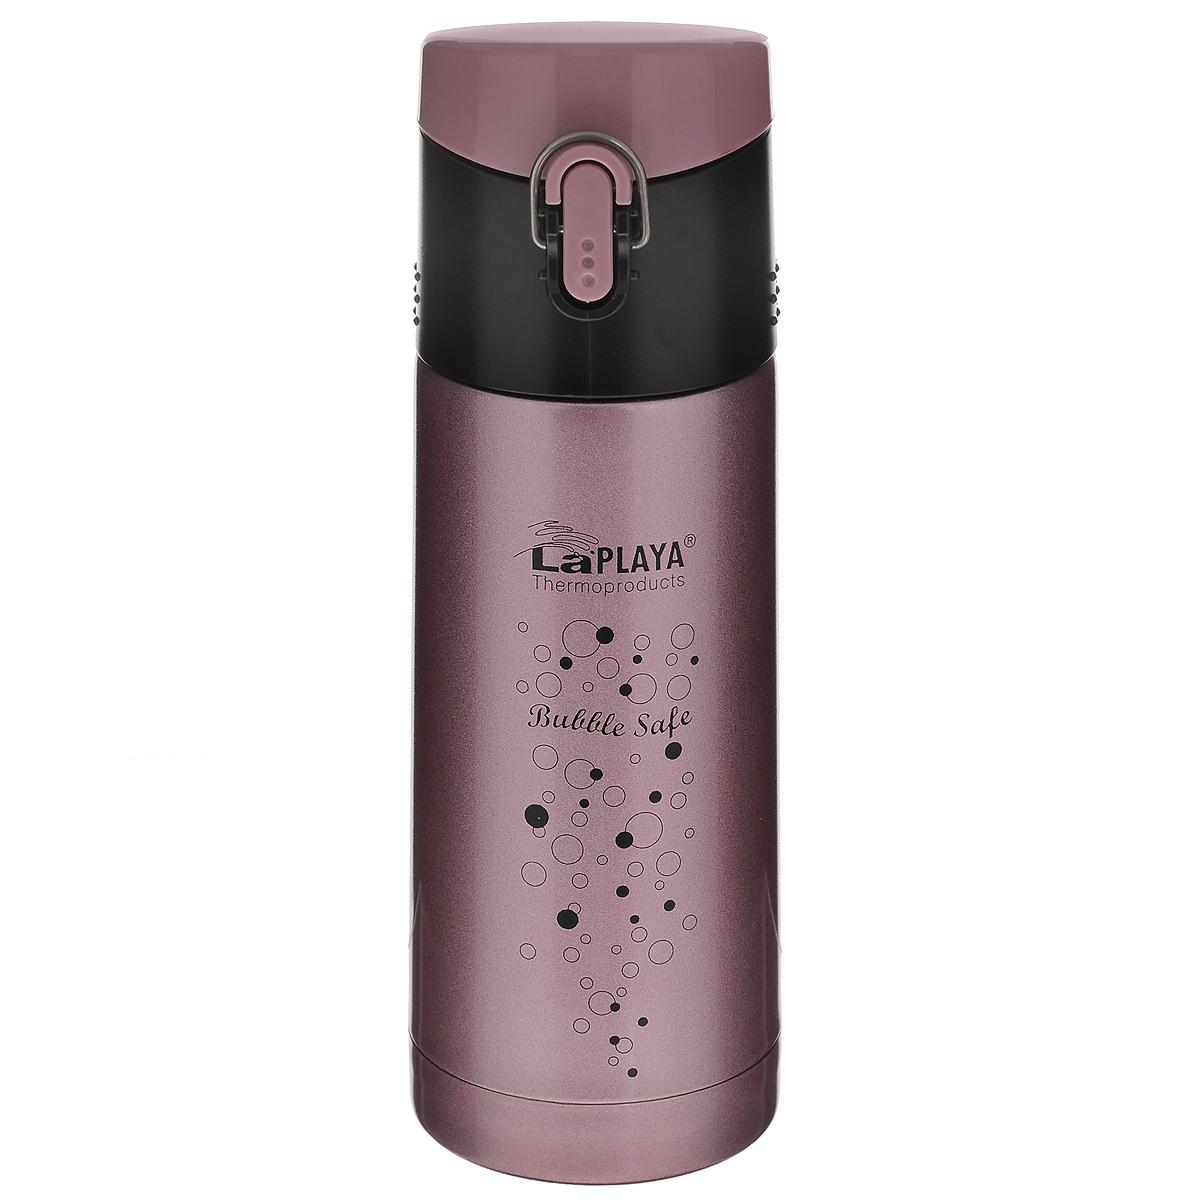 Термос LaPlaya Bubble Safe, цвет: розовый, 350 мл560066Термос с узким горлом LaPlaya Bubble Safe, изготовленный из высококачественной нержавеющей стали 18/8, является простым в использовании, экономичным и многофункциональным. Термос с двухстеночной вакуумной изоляцией, предназначенный для хранения горячих и холодных напитков (чая, кофе), сохраняет их до 6 часов горячими и холодными в течении 12 часов. Идеально подойдет для прохладительных газированных напитков. Герметичная и гигиеничная пробка-крышка открывается одной рукой. При открывании стопор предотвращает резкий выход газов и расплескивание напитков. Термос удобно размещать в большинстве автомобильных держателей. Легкий и прочный термос LaPlaya Bubble Safe сохранит ваши напитки горячими или холодными надолго. Высота: 20,5 см. Диаметр горлышка: 4,5 см.